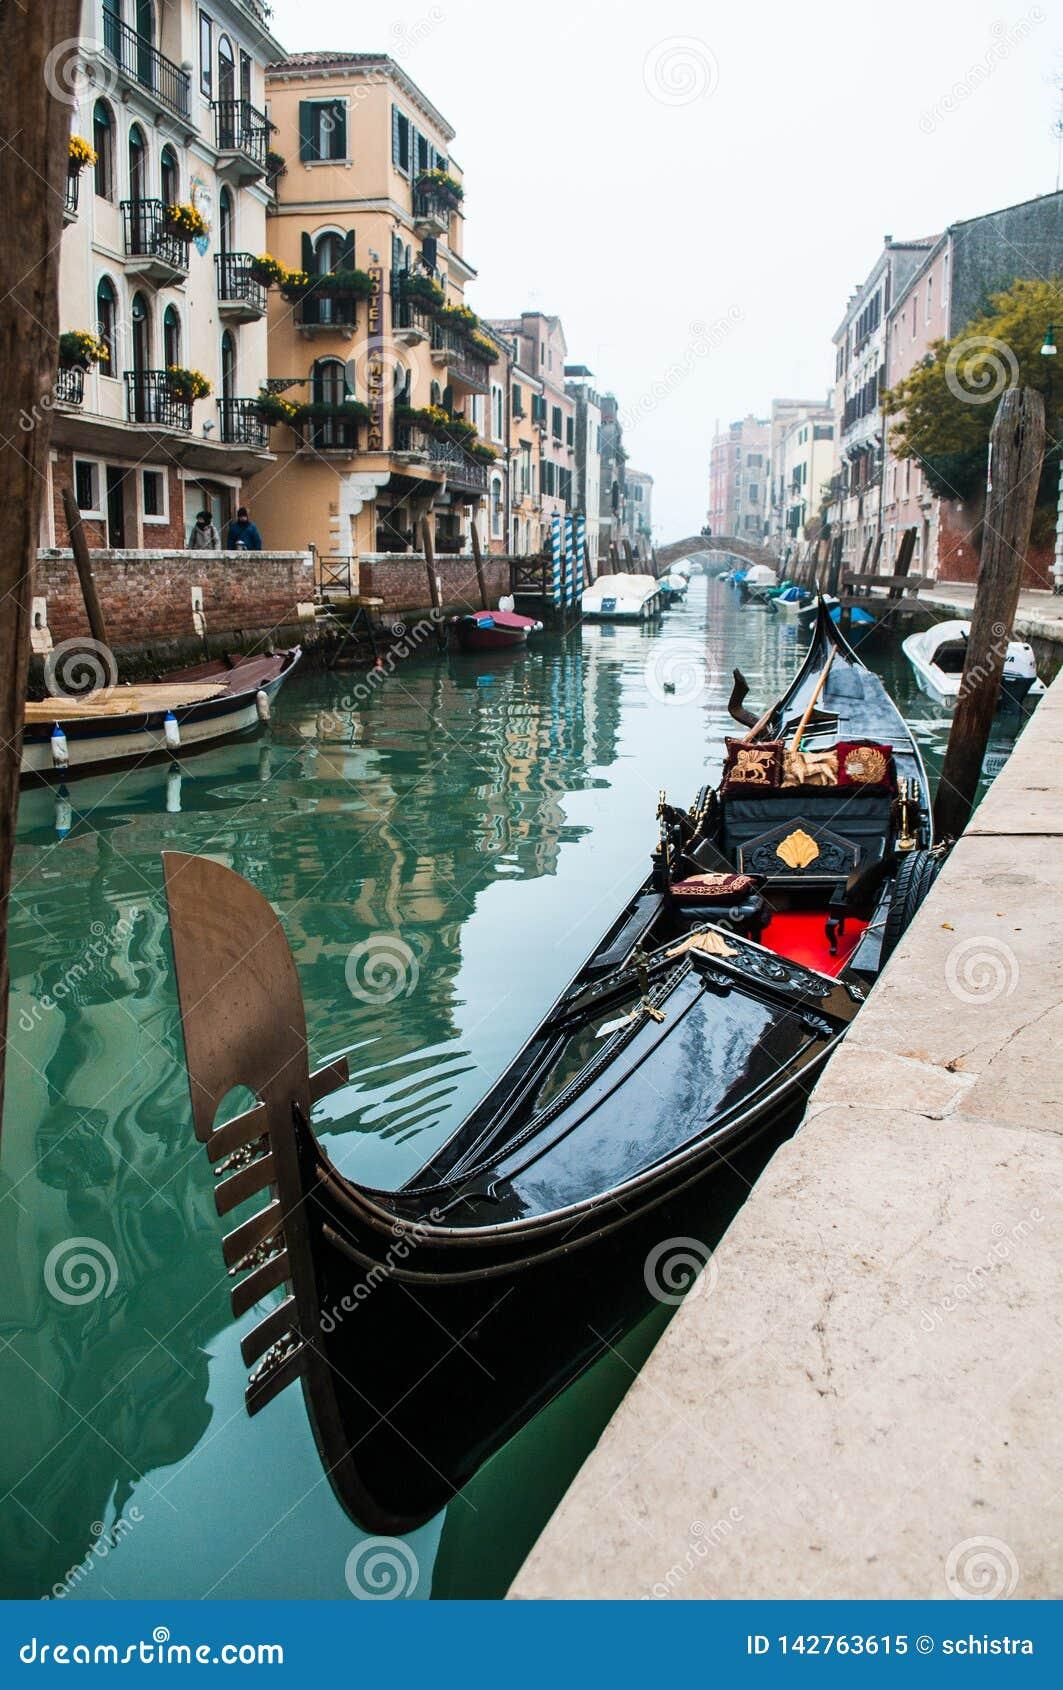 Gondola Italy Venice